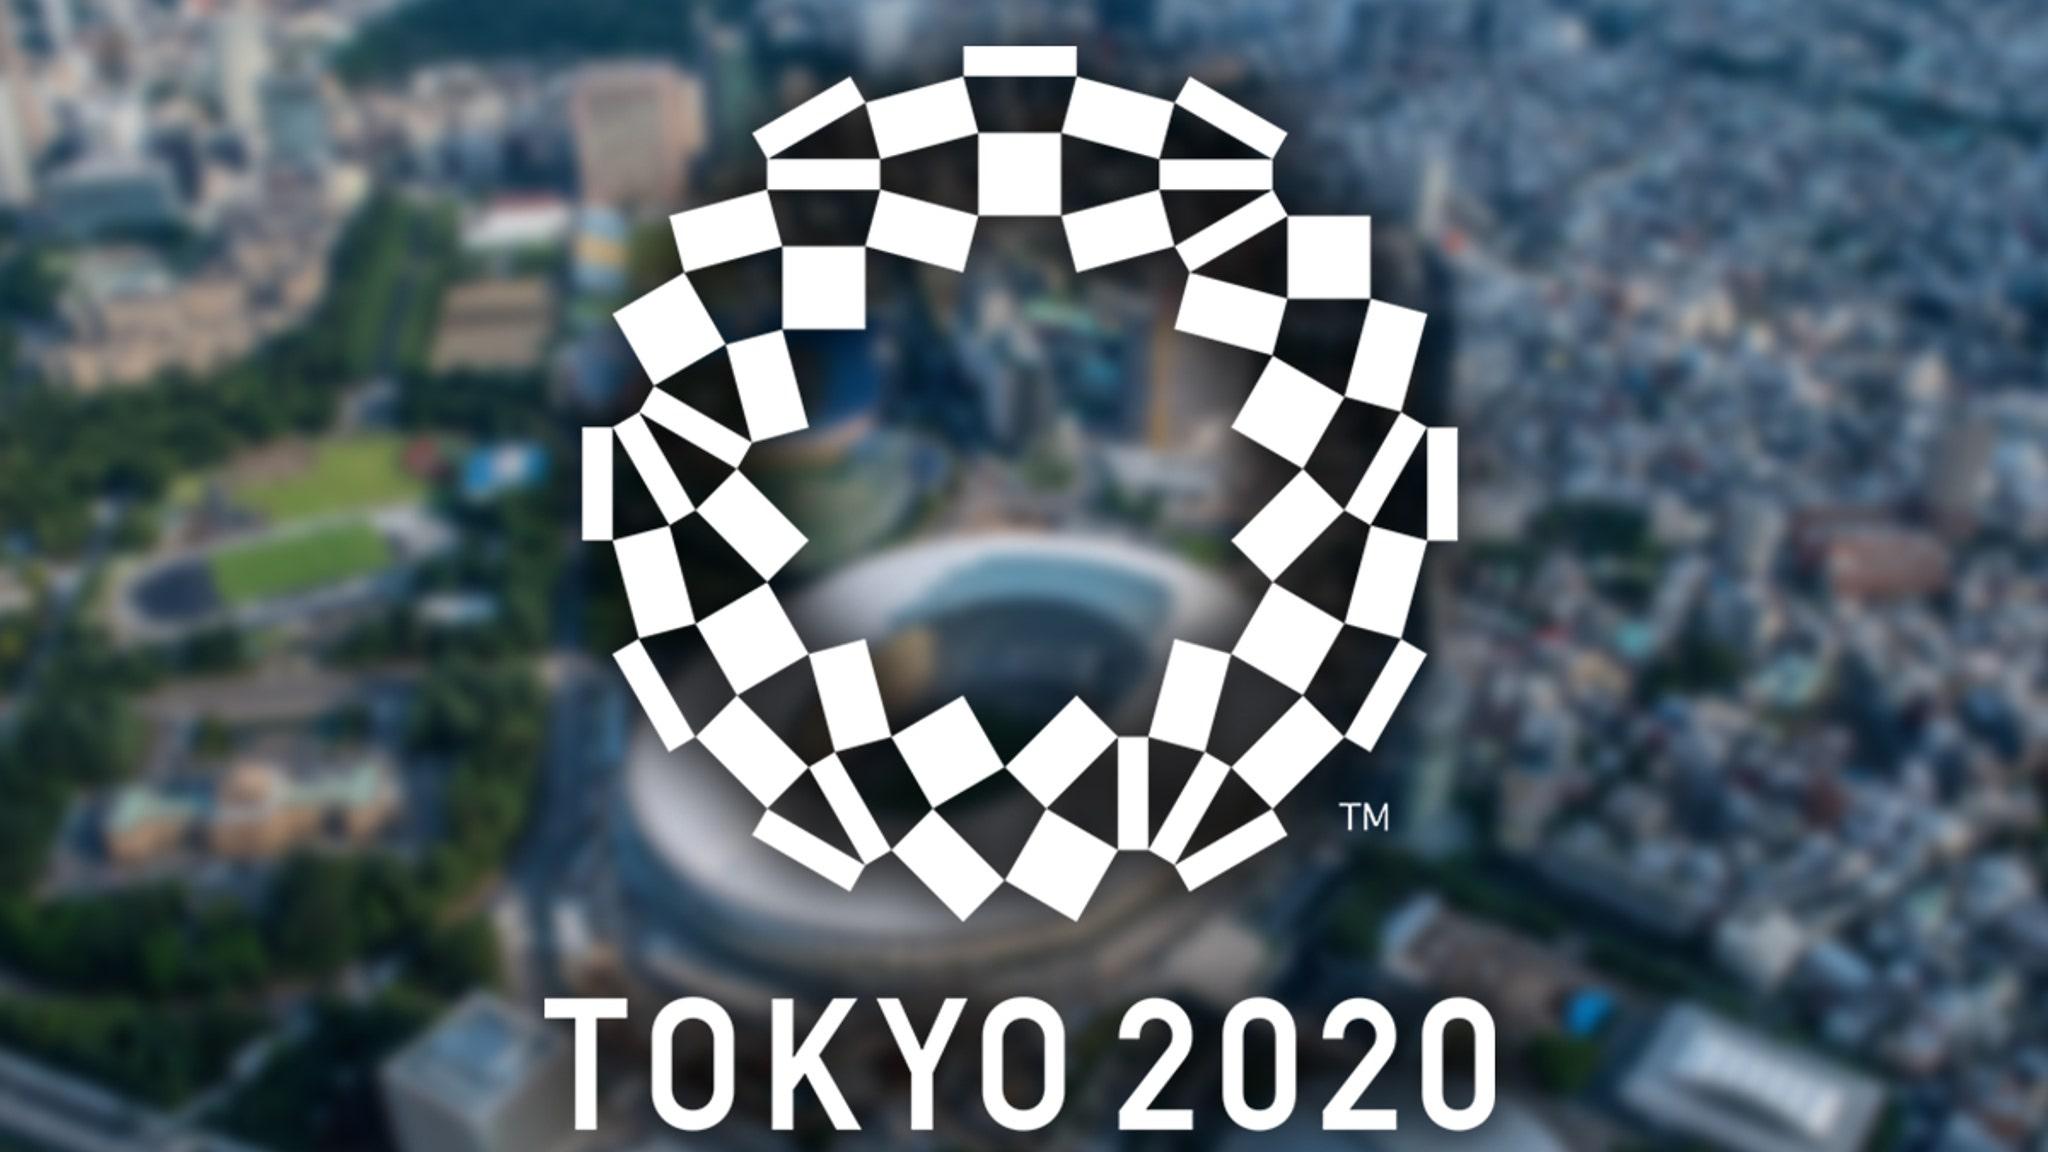 10 000 Freiwillige Der Olympischen Spiele In Tokio 2020 Kundigen Wegen Covid Bedenken 50 Tage Bis Zu Den Spielen Germanic Nachrichten